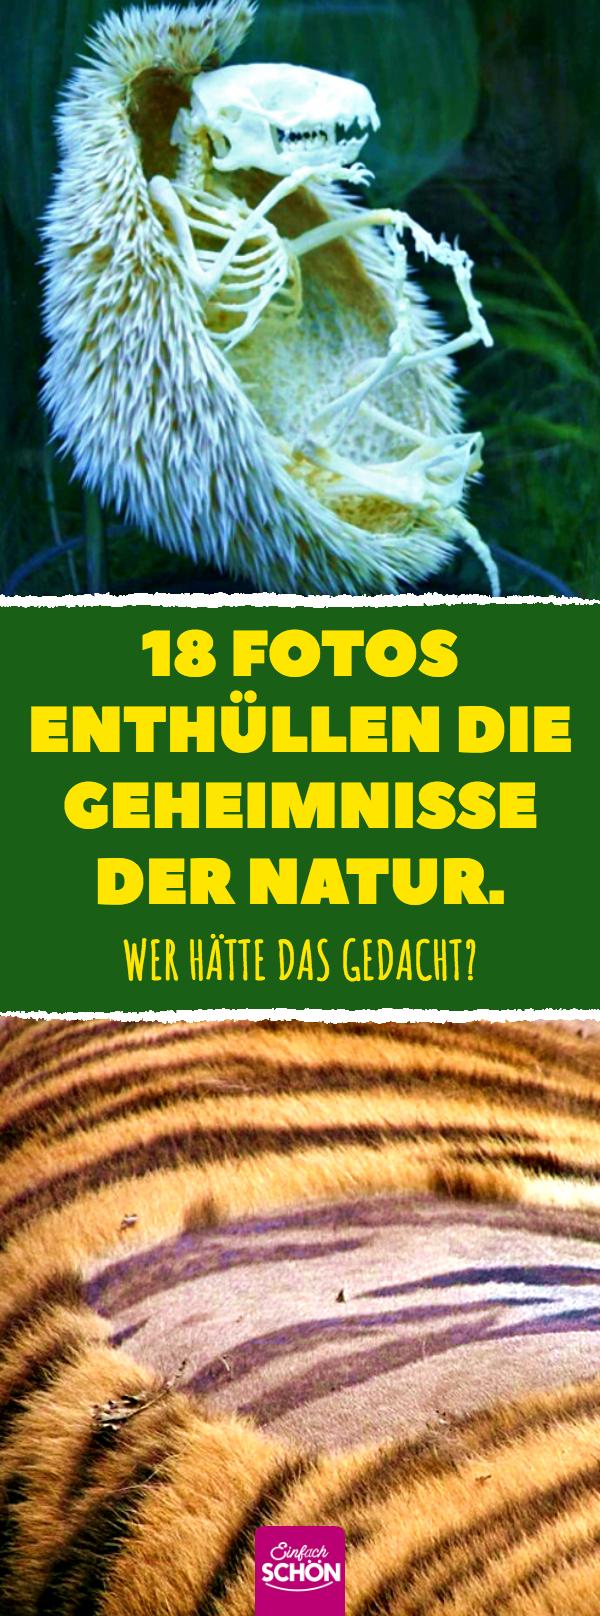 18 Fotos enthüllen die Geheimnisse der Natur. Wer hätte das gedacht? #kuriositäten #natur #tiere #pflanzen